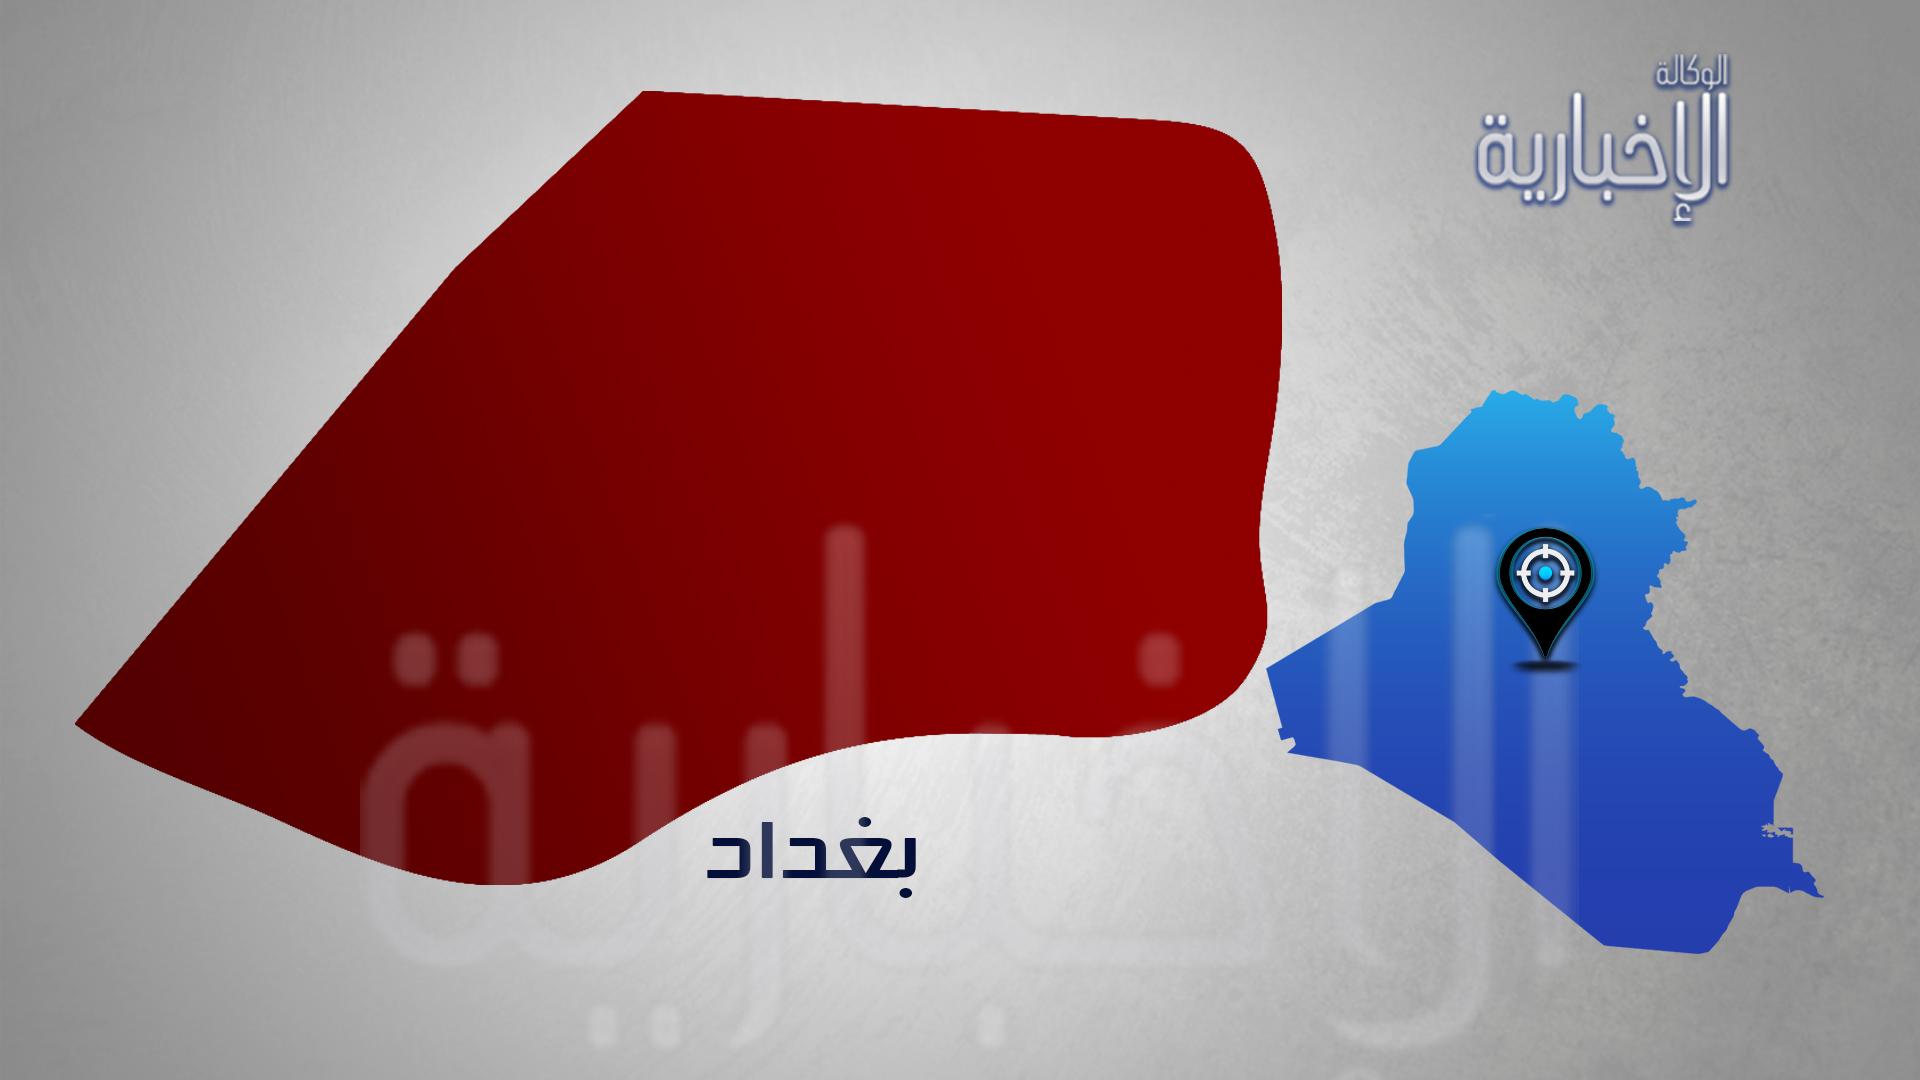 اخماد ثلاثة حرائق في الكرادة وسط بغداد